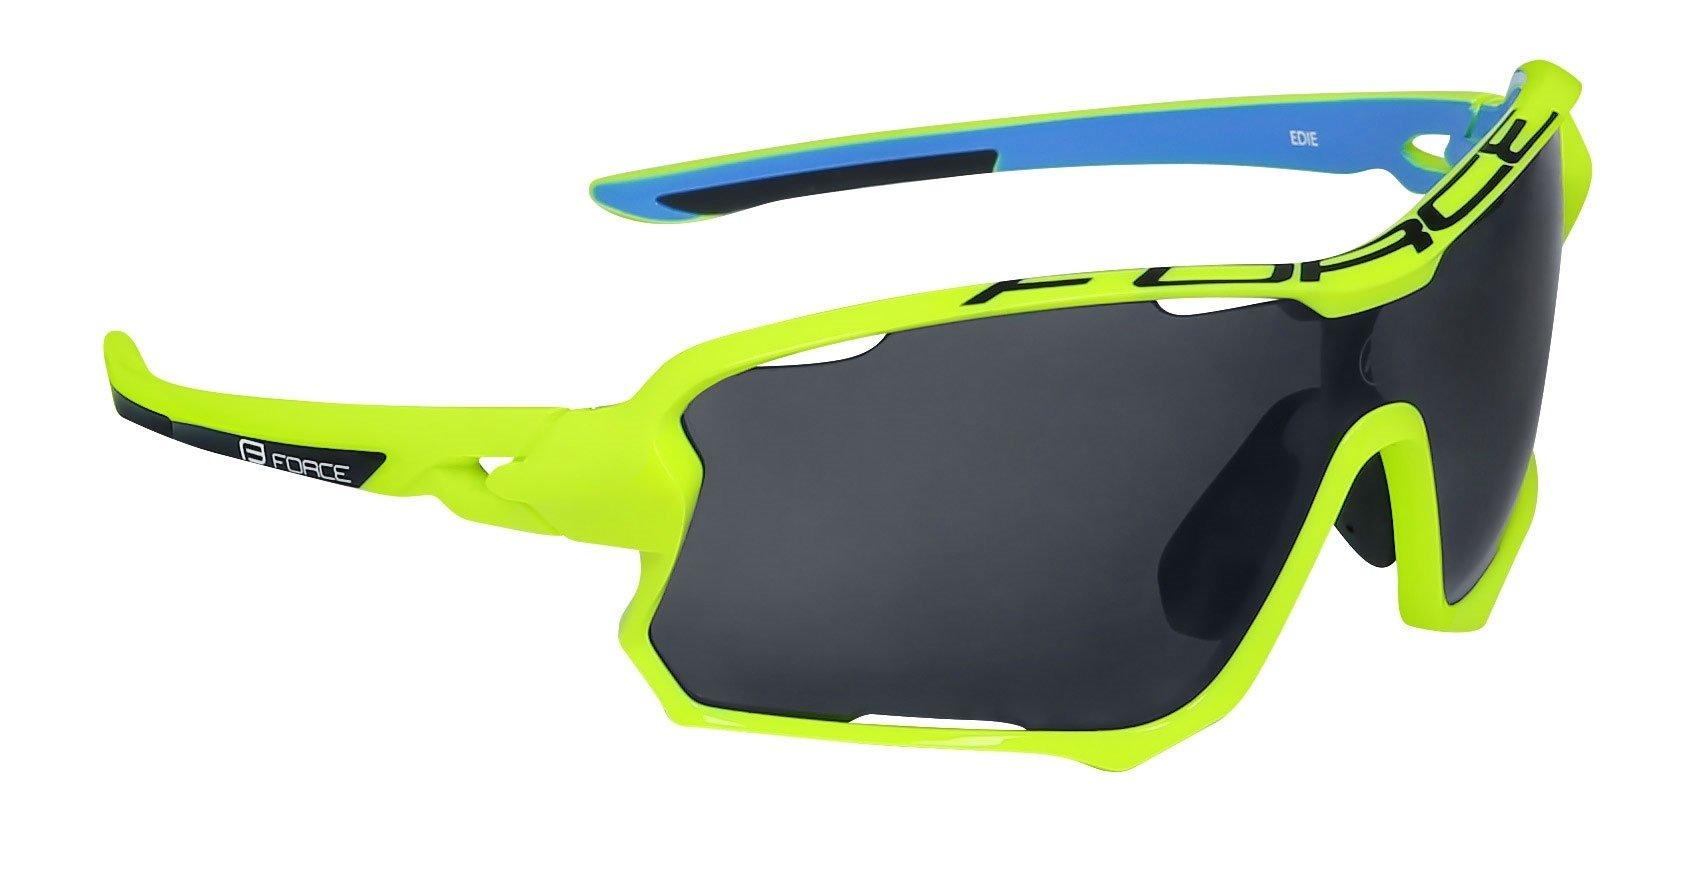 Force Edie Cykelbriller med 3 sæt linser Flou/blå | Briller